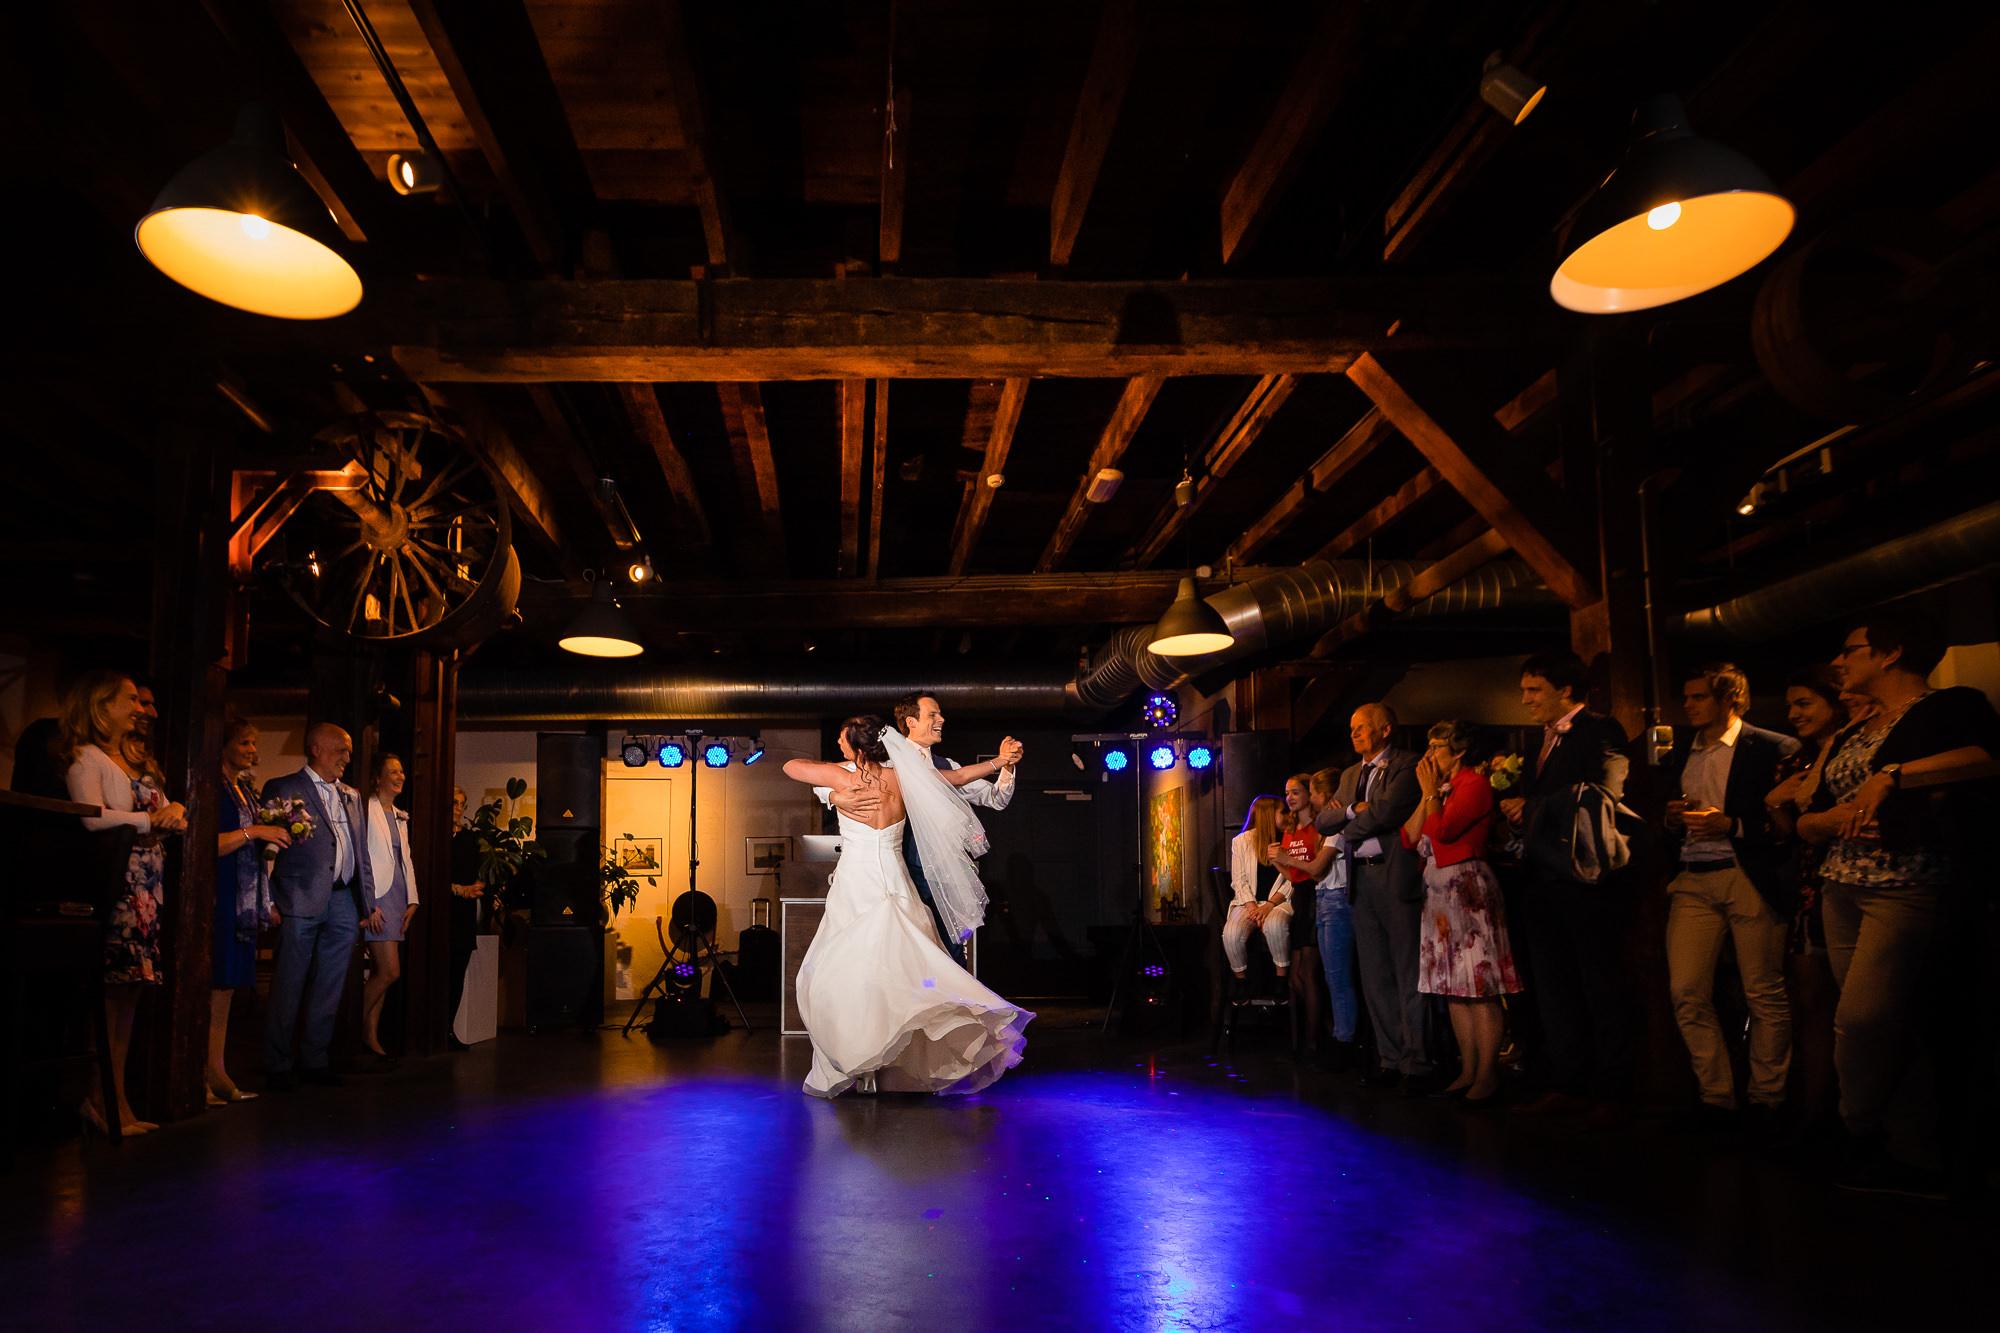 Bruidspaar doet openingsdans terwijl de gasten toekijken